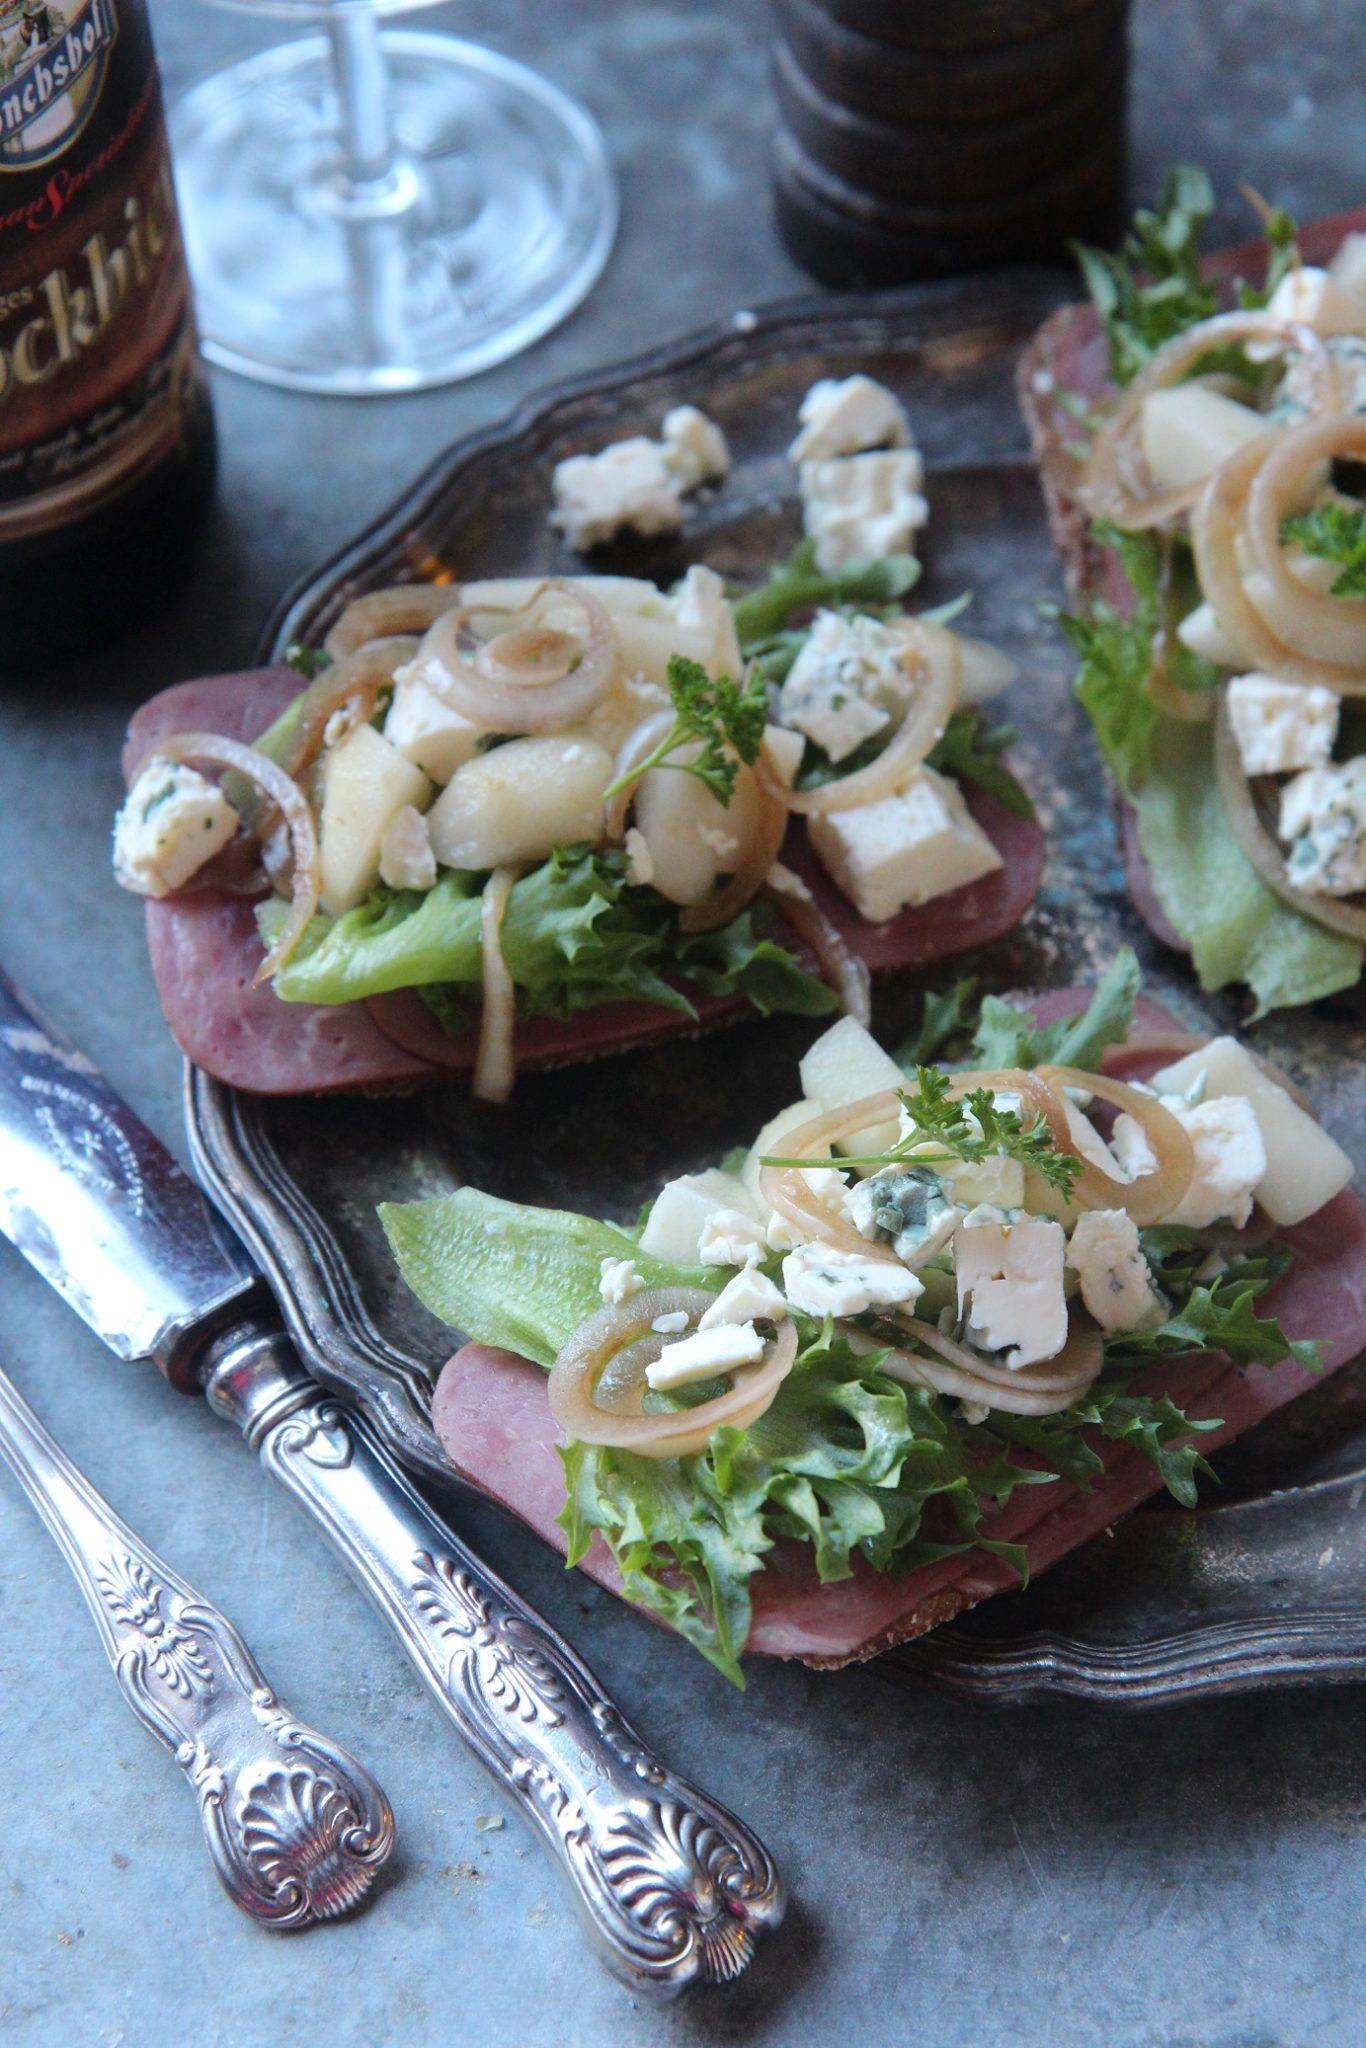 Joulukuu 7: Aura-päärynä salaattileivät